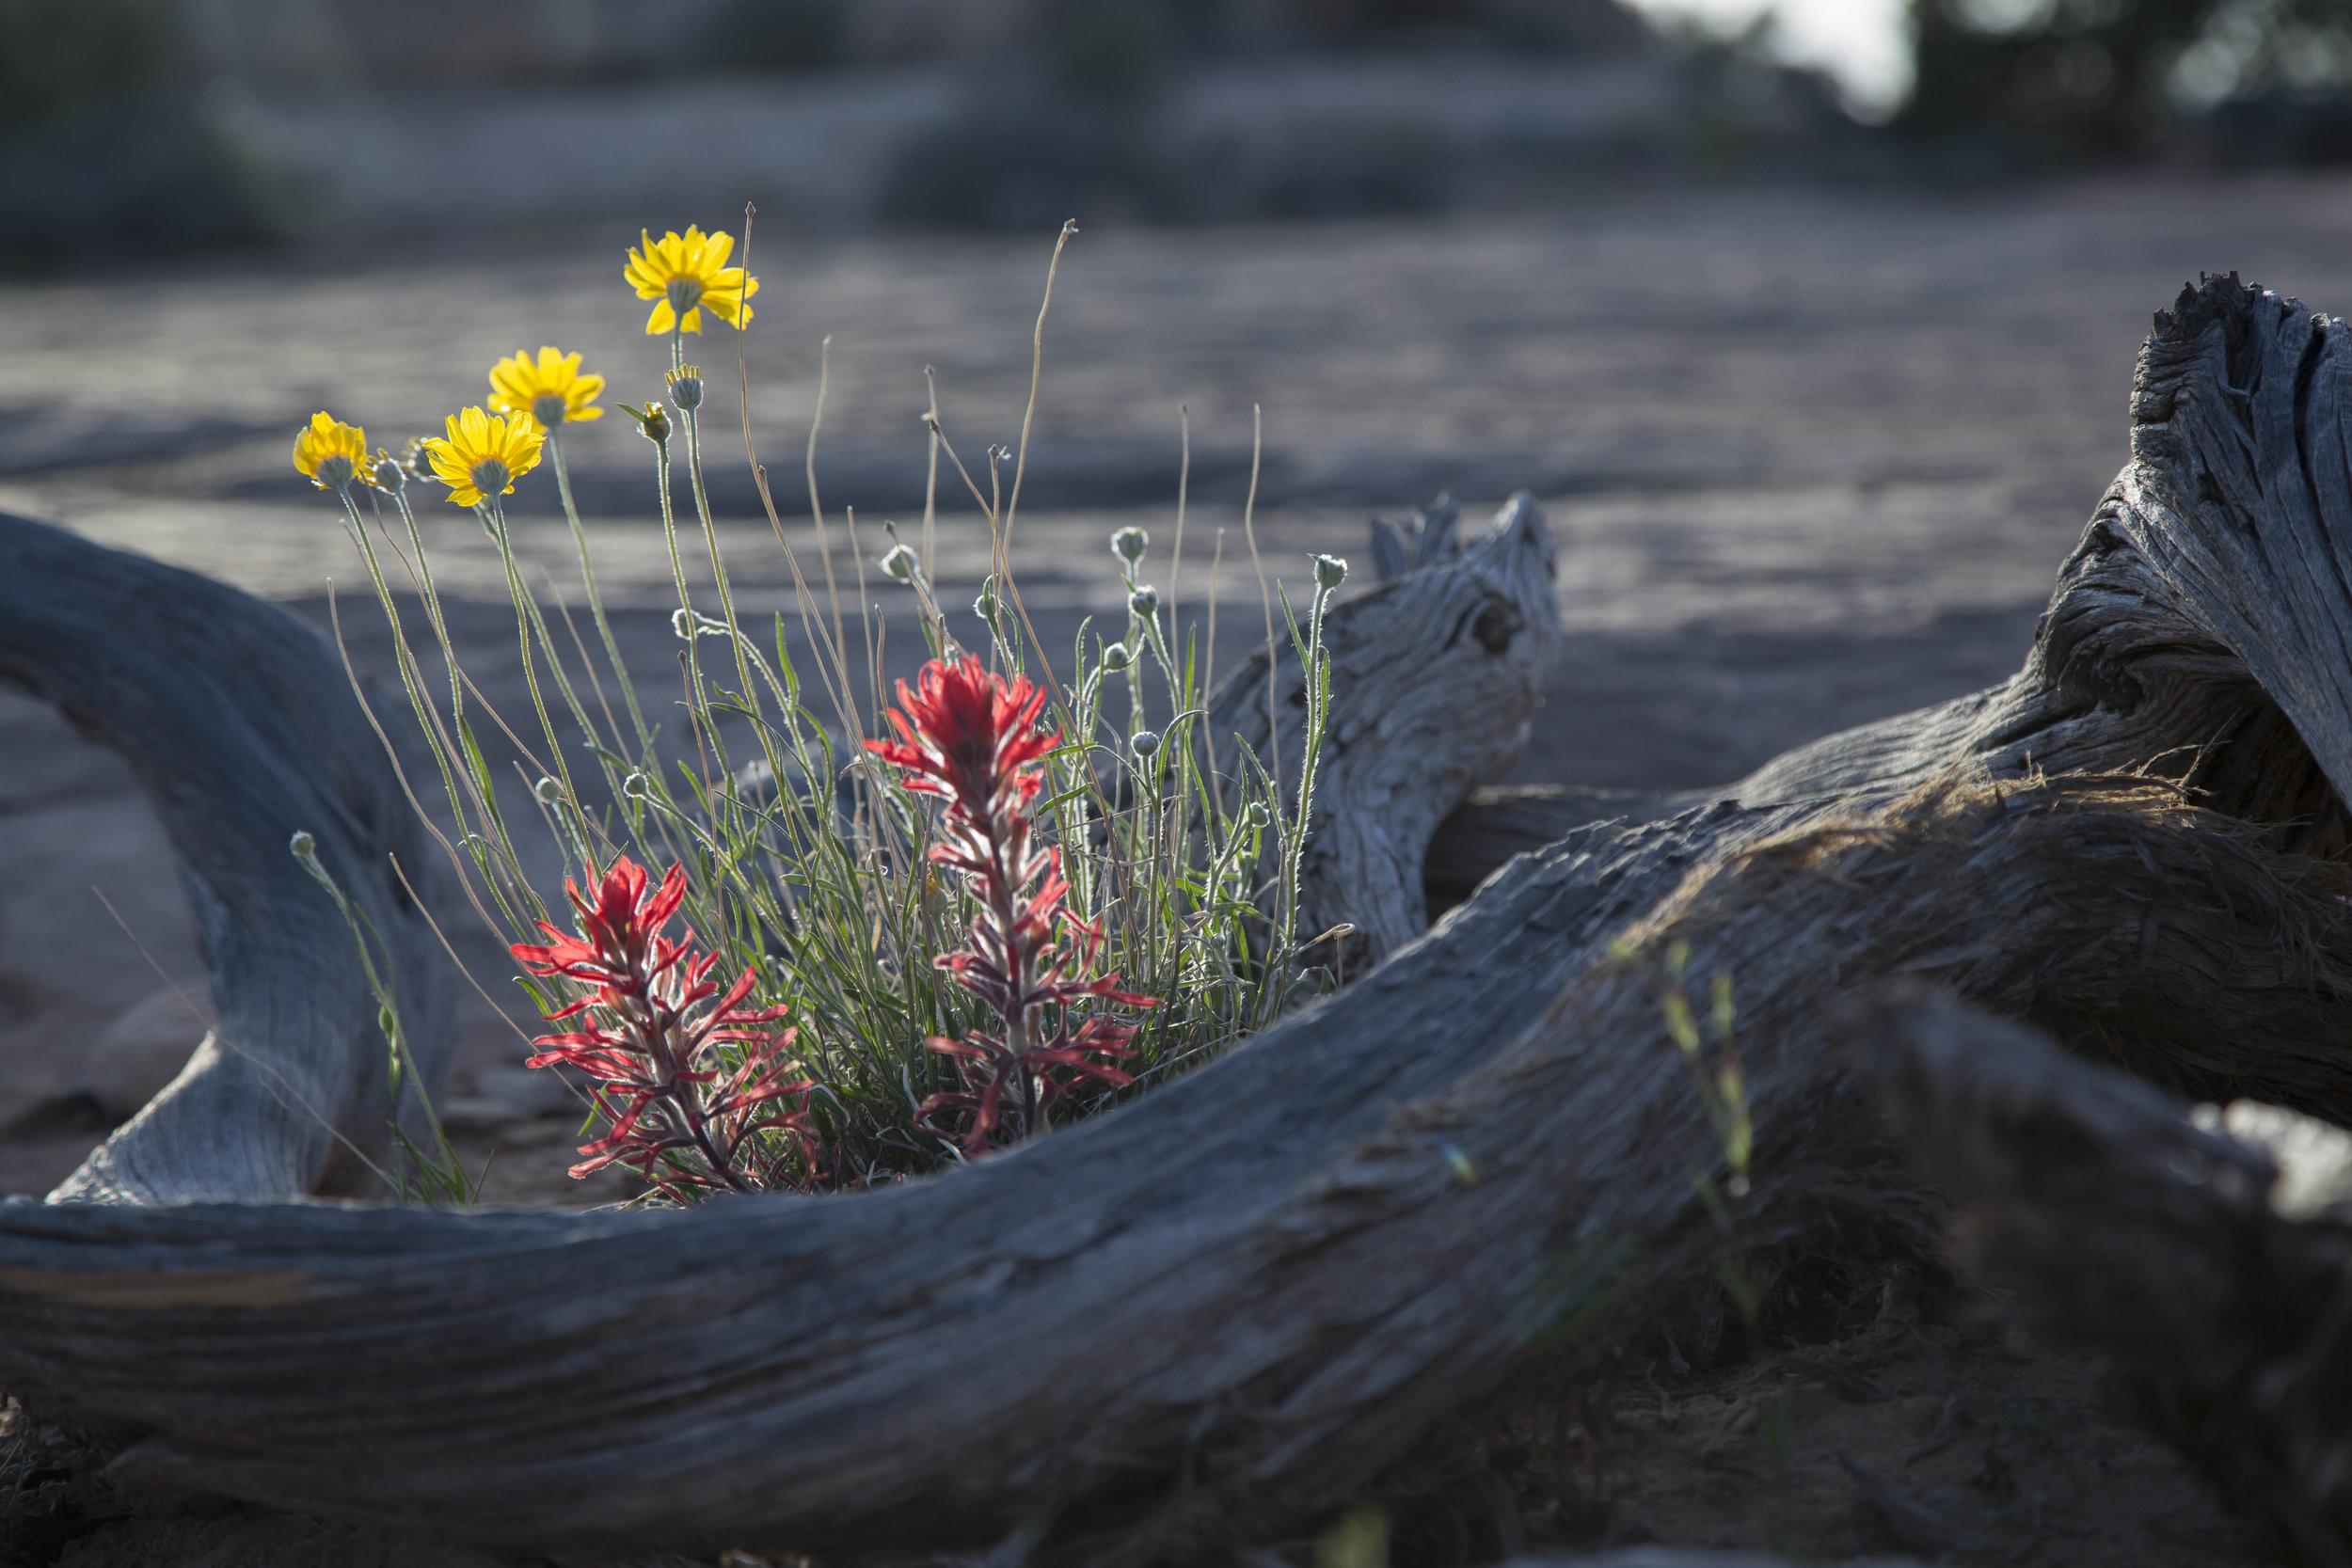 Desert Rose_Dreamed I Saw a Desert Rose.jpg